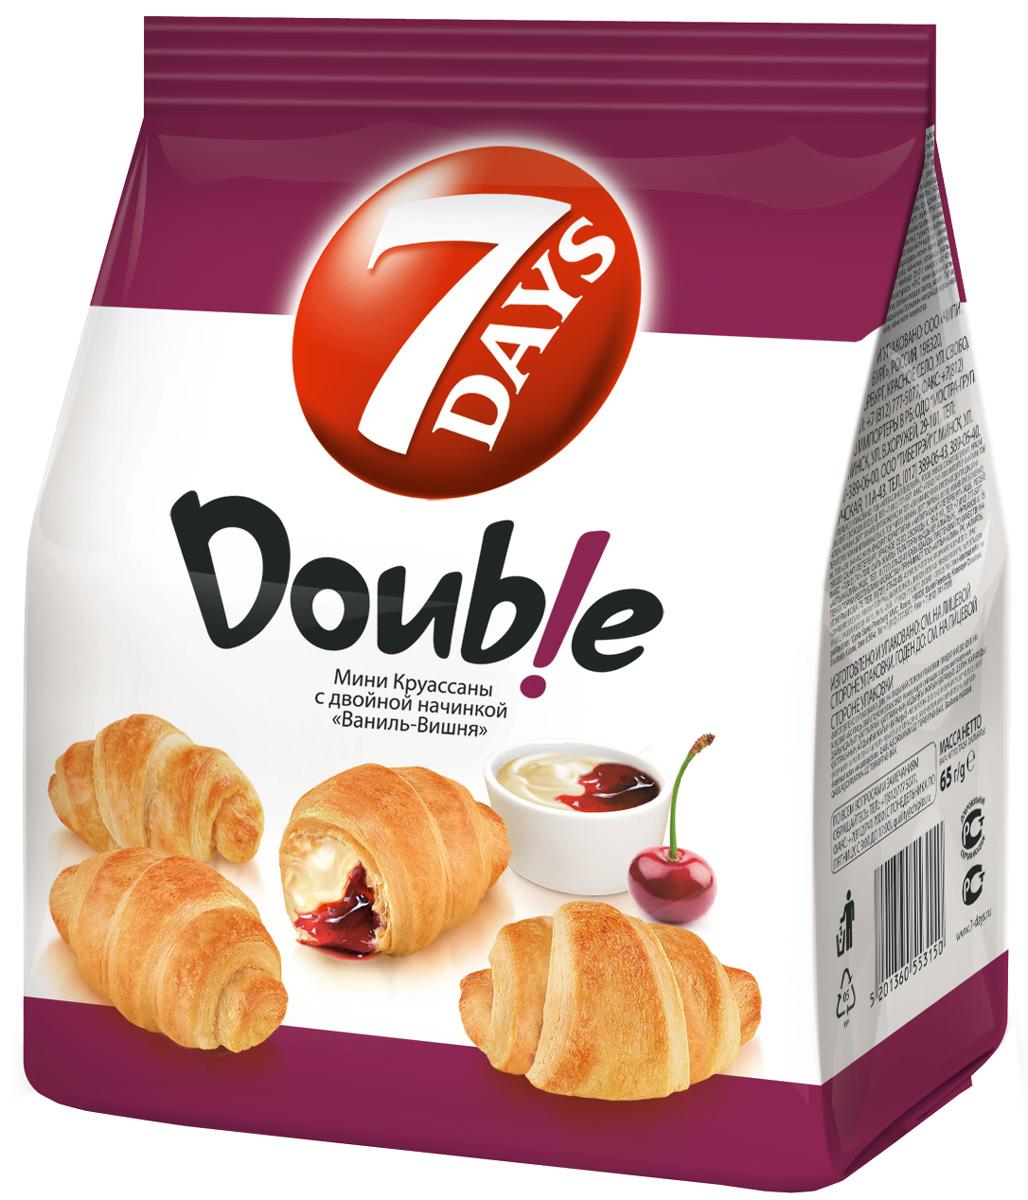 7DAYS Double! Мини-круассаны с двойной начинкой Ваниль-Вишня, 65 г56872Круассаны 7DAYS - готовая к употреблению выпечка из нежного теста с восхитительными кремовыми и джемовыми начинками. Мини-круассаны 7DAYS - это много маленьких вкусных круассанов в одной упаковке. На выбор потребителя представлен широкий ассортимент кремовых и джемовых начинок. Прекрасно сочетаются с чаем и кофе, идеально подходят для того, чтобы разделить их с близкими. Превосходный выбор снэка для потребления дома и на ходу. Воздушные мини-круассаны 7DAYS Double! с двойной начинкой, перед которыми невозможно устоять.